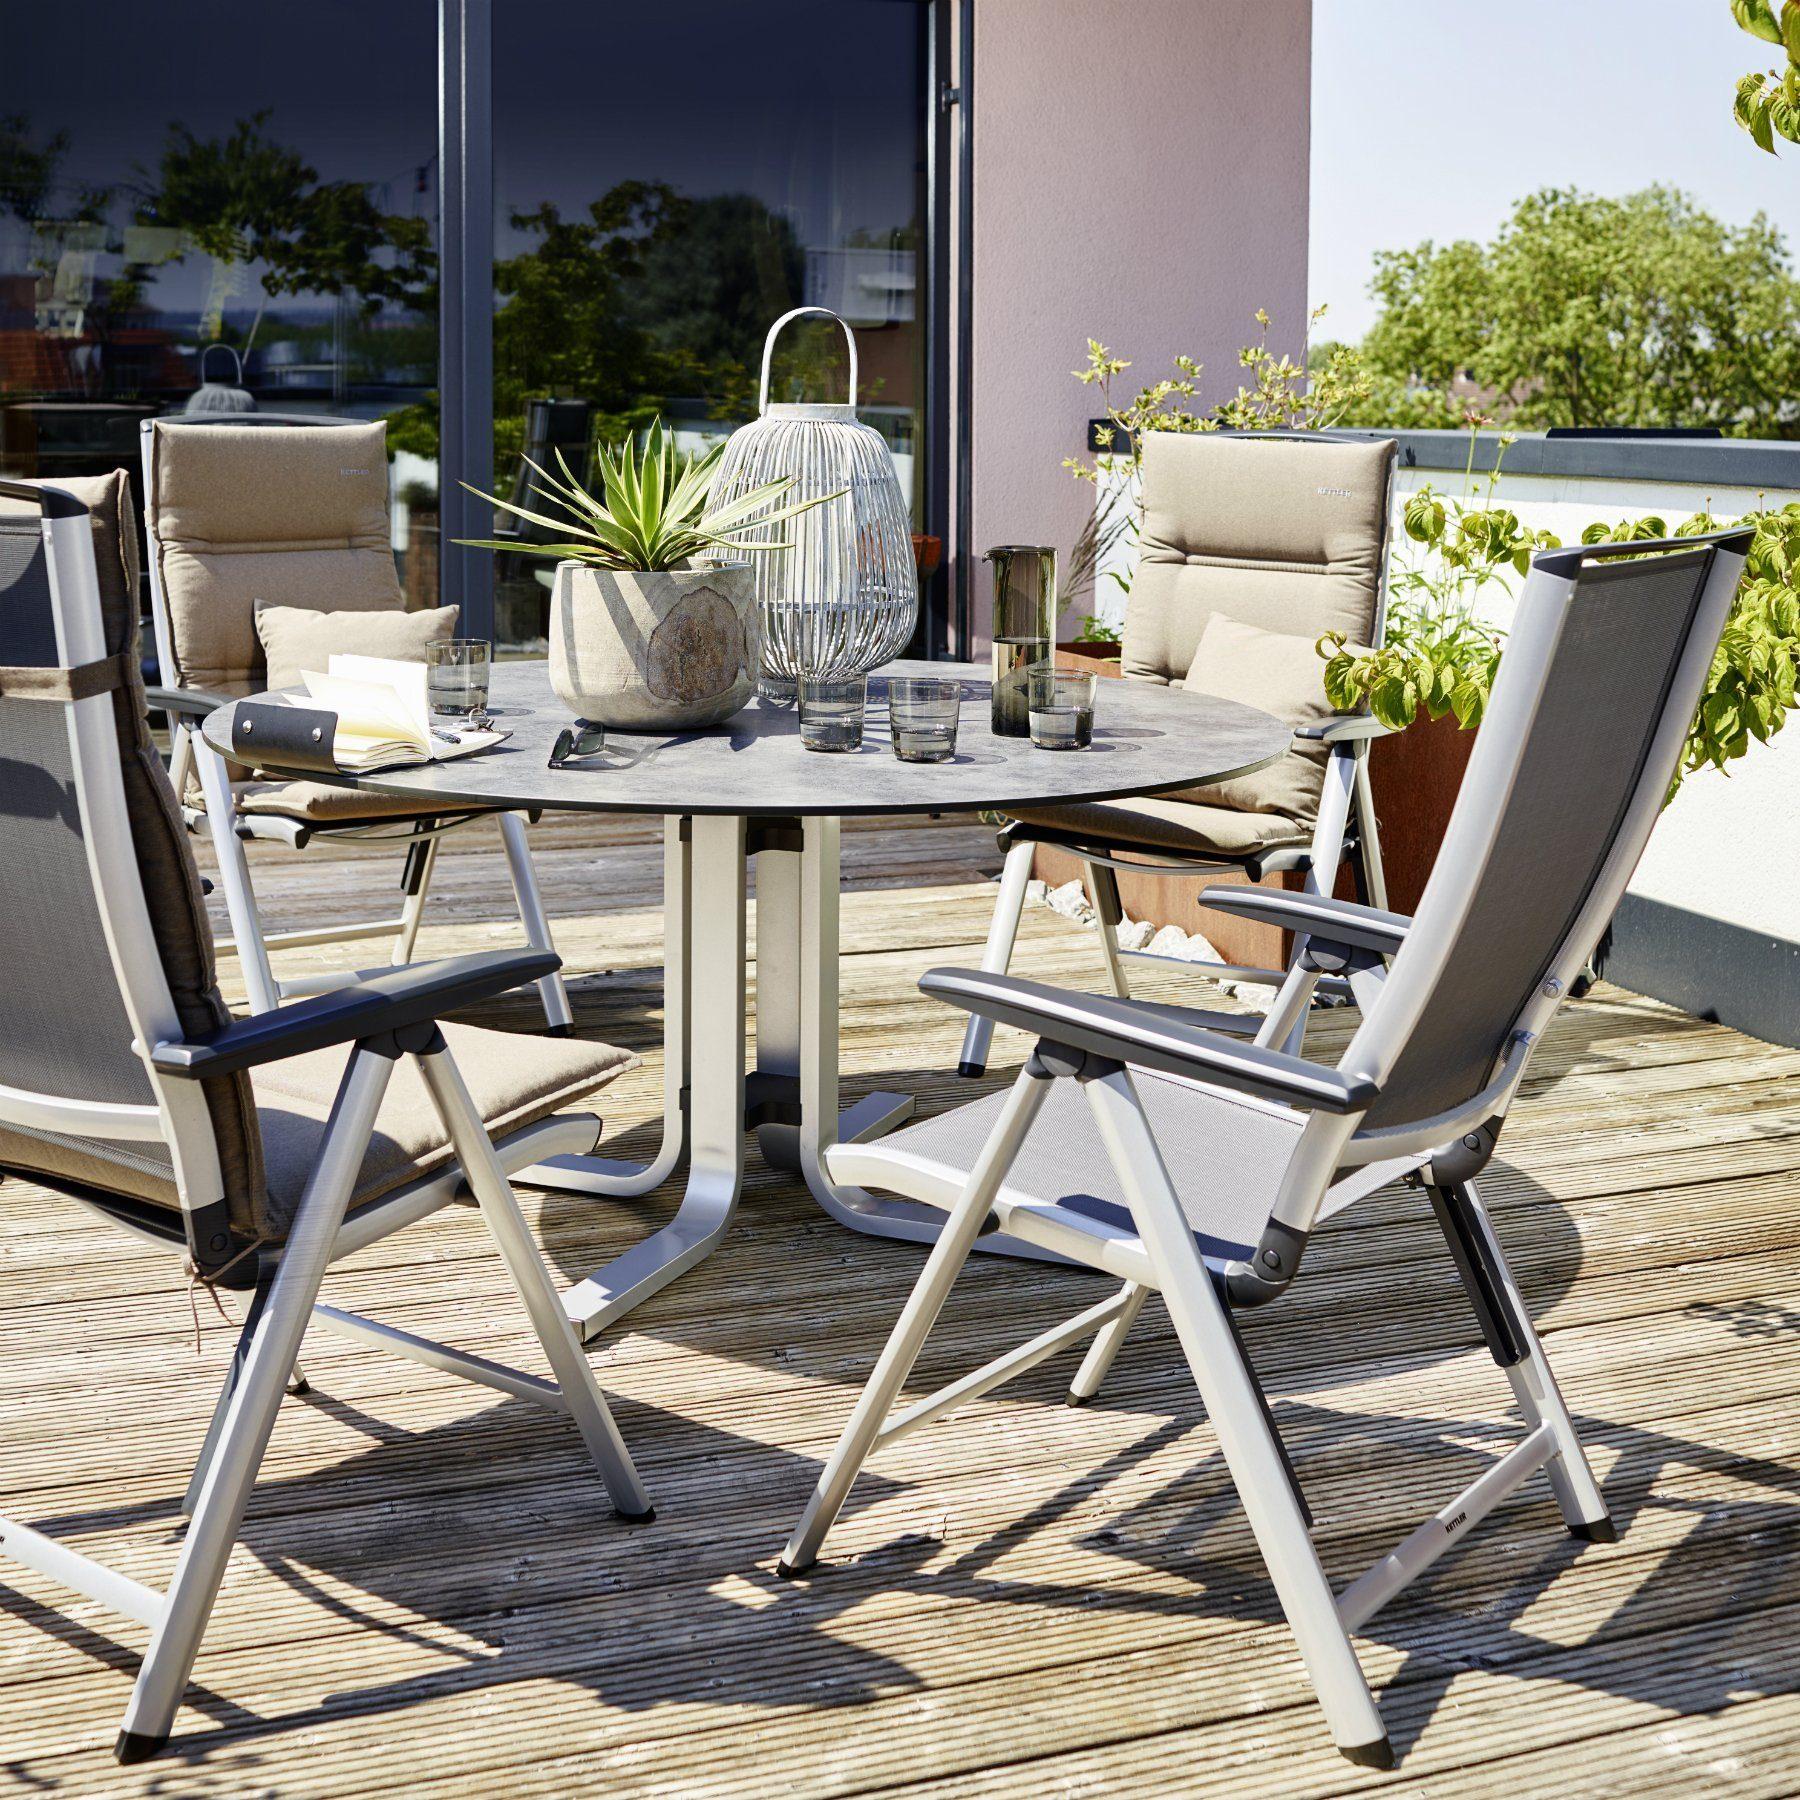 kettler vista multipositionssessel. Black Bedroom Furniture Sets. Home Design Ideas